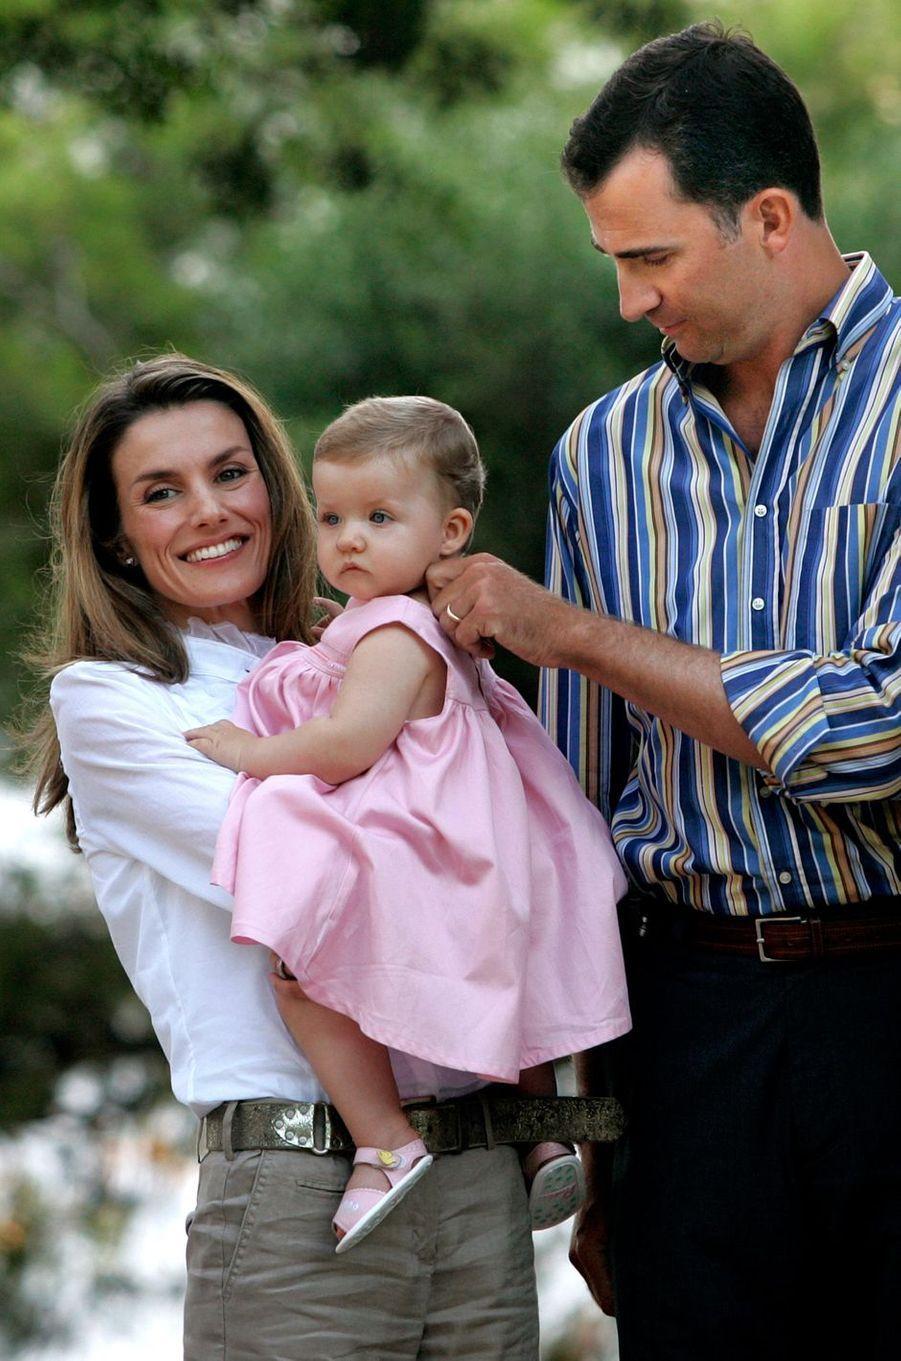 La princesse Letizia et le prince Felipe d'Espagne avec la princesse Leonor, le 8 août 2006